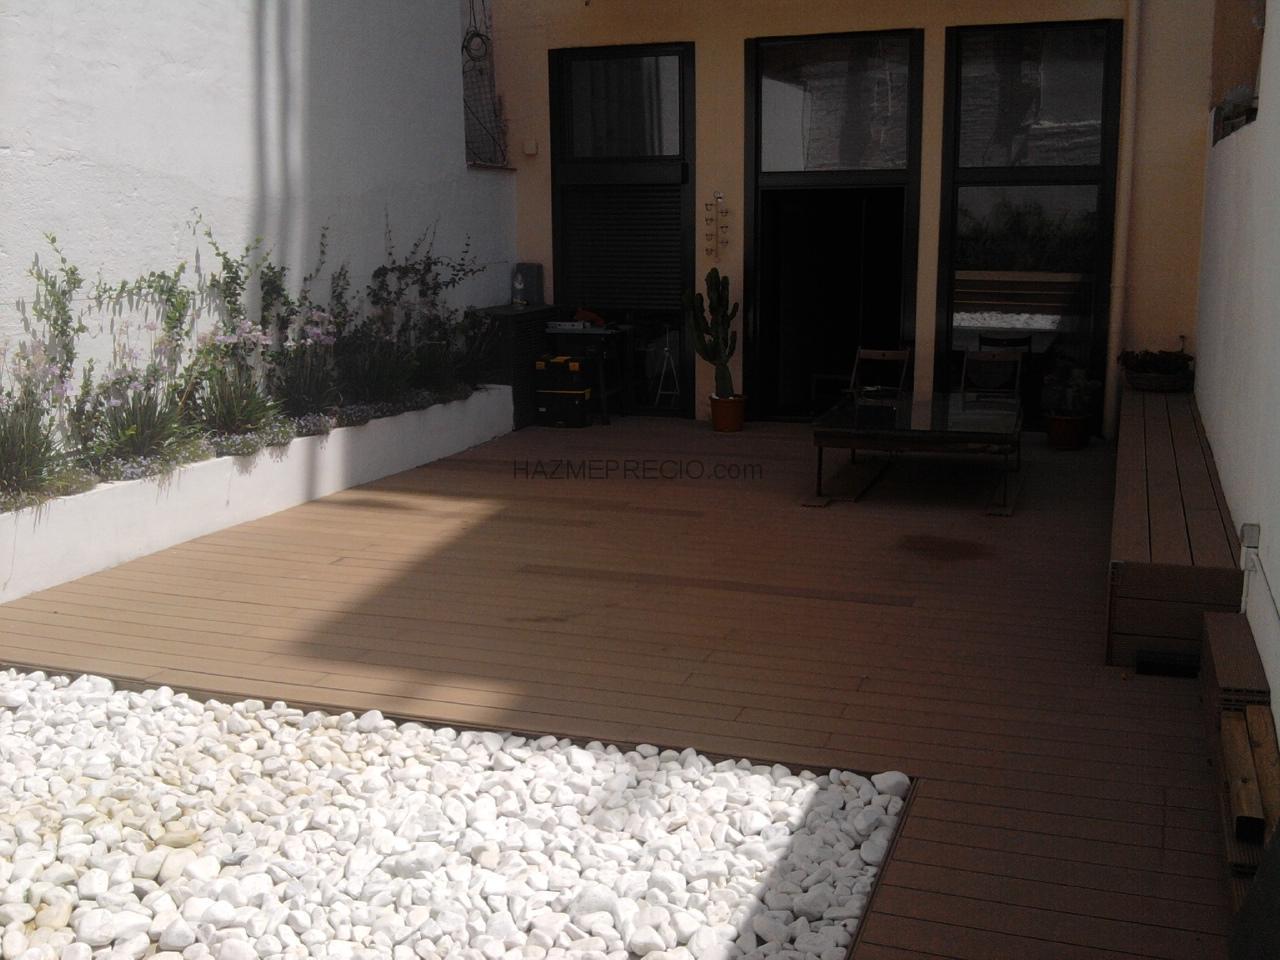 Servicios de jardiner - Diseno terrazas exteriores viviendas ...